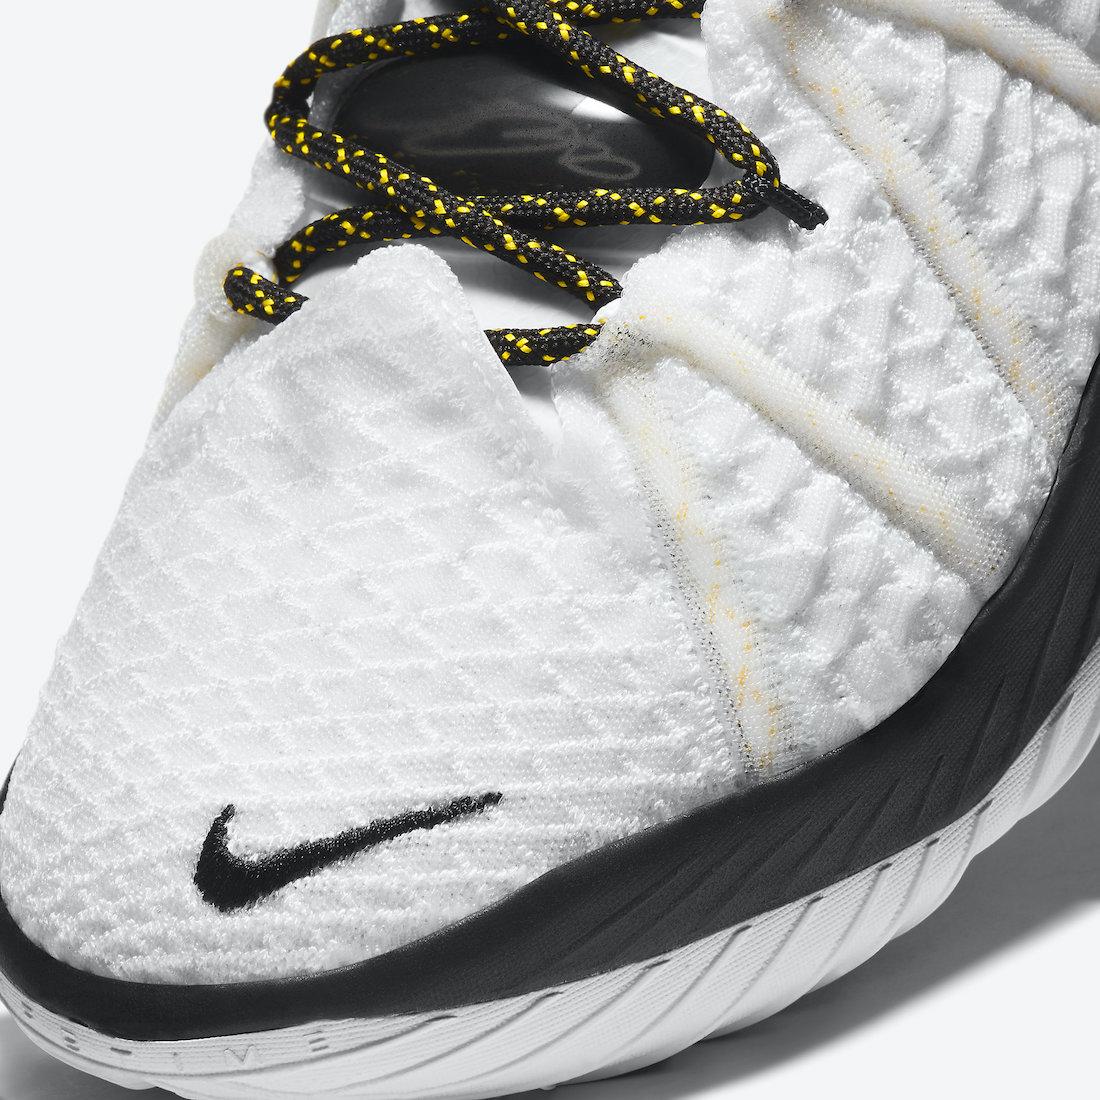 Nike-LeBron-18-Home-White-Amarillo-Black-CQ9283-100-Release-Date-6